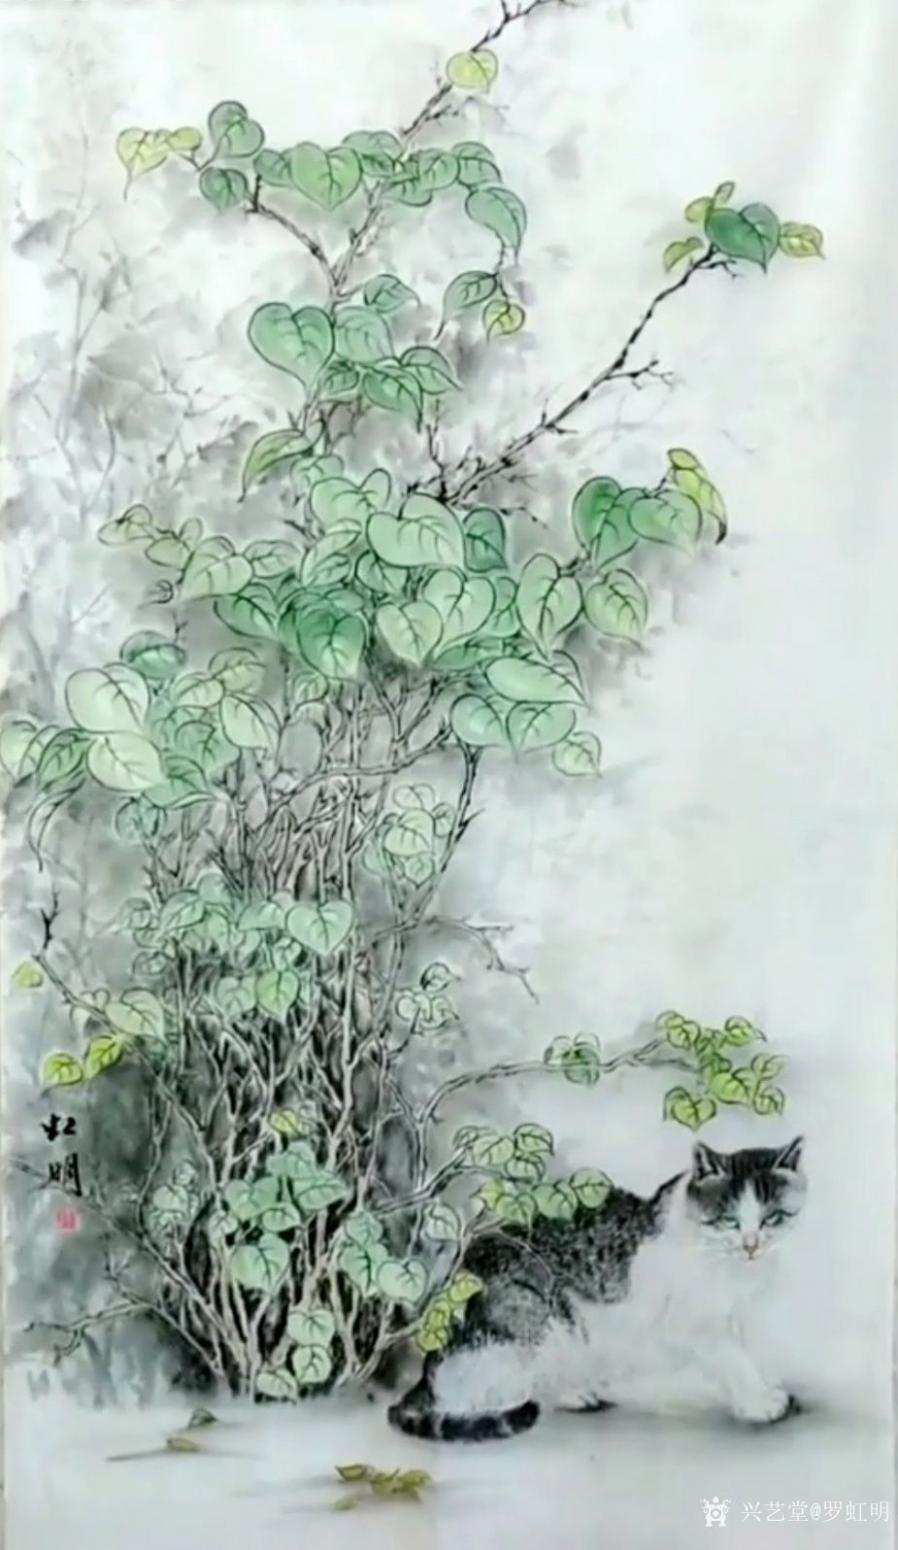 罗虹明国画作品《新绿》